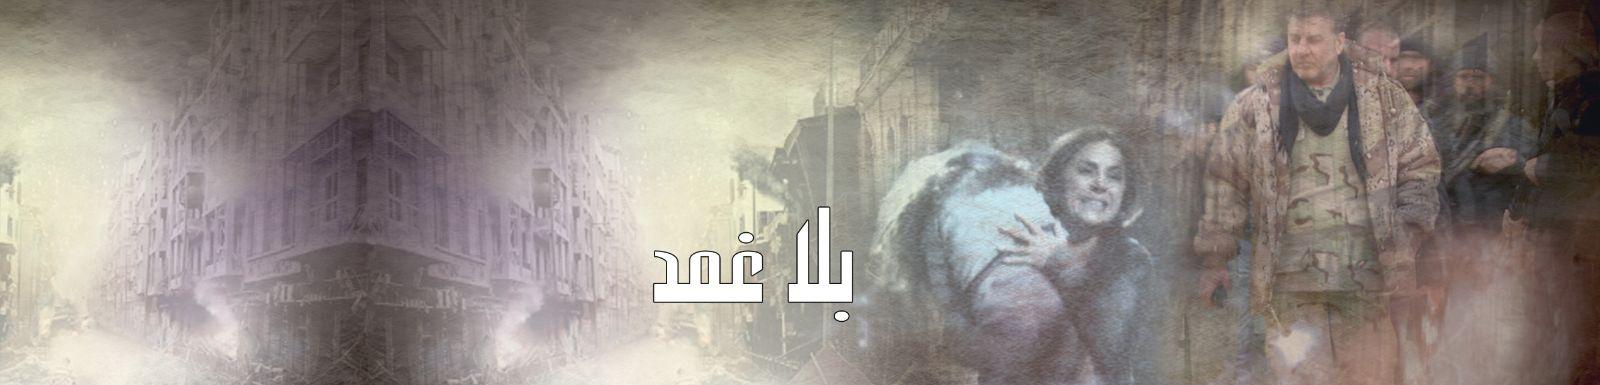 تحميل مسلسل بلا غمد الحلقة 9 شاهد نت 2016